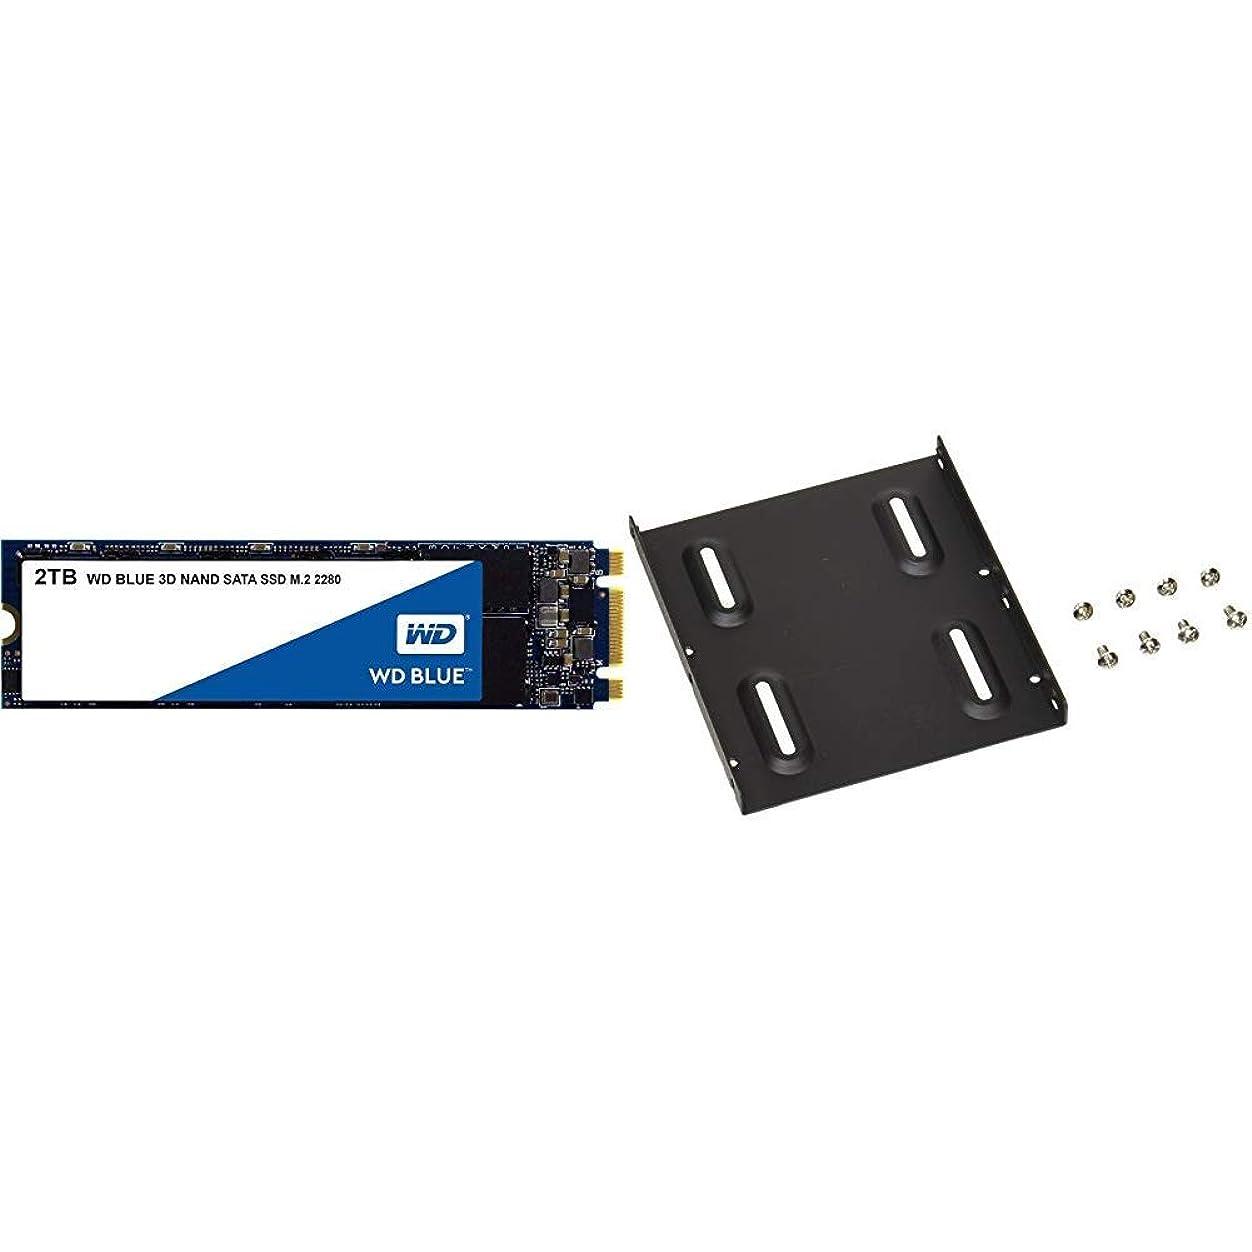 衣服描写ぼんやりしたWD 内蔵SSD M.2-2280 / 2TB / WD Blue 3D / SATA3.0 / 5年保証 / WDS200T2B0B & オウルテック 2.5インチHDD/SSD用→3.5インチサイズ変換ブラケット ネジセット付き ブラック OWL-BRKT04(B)